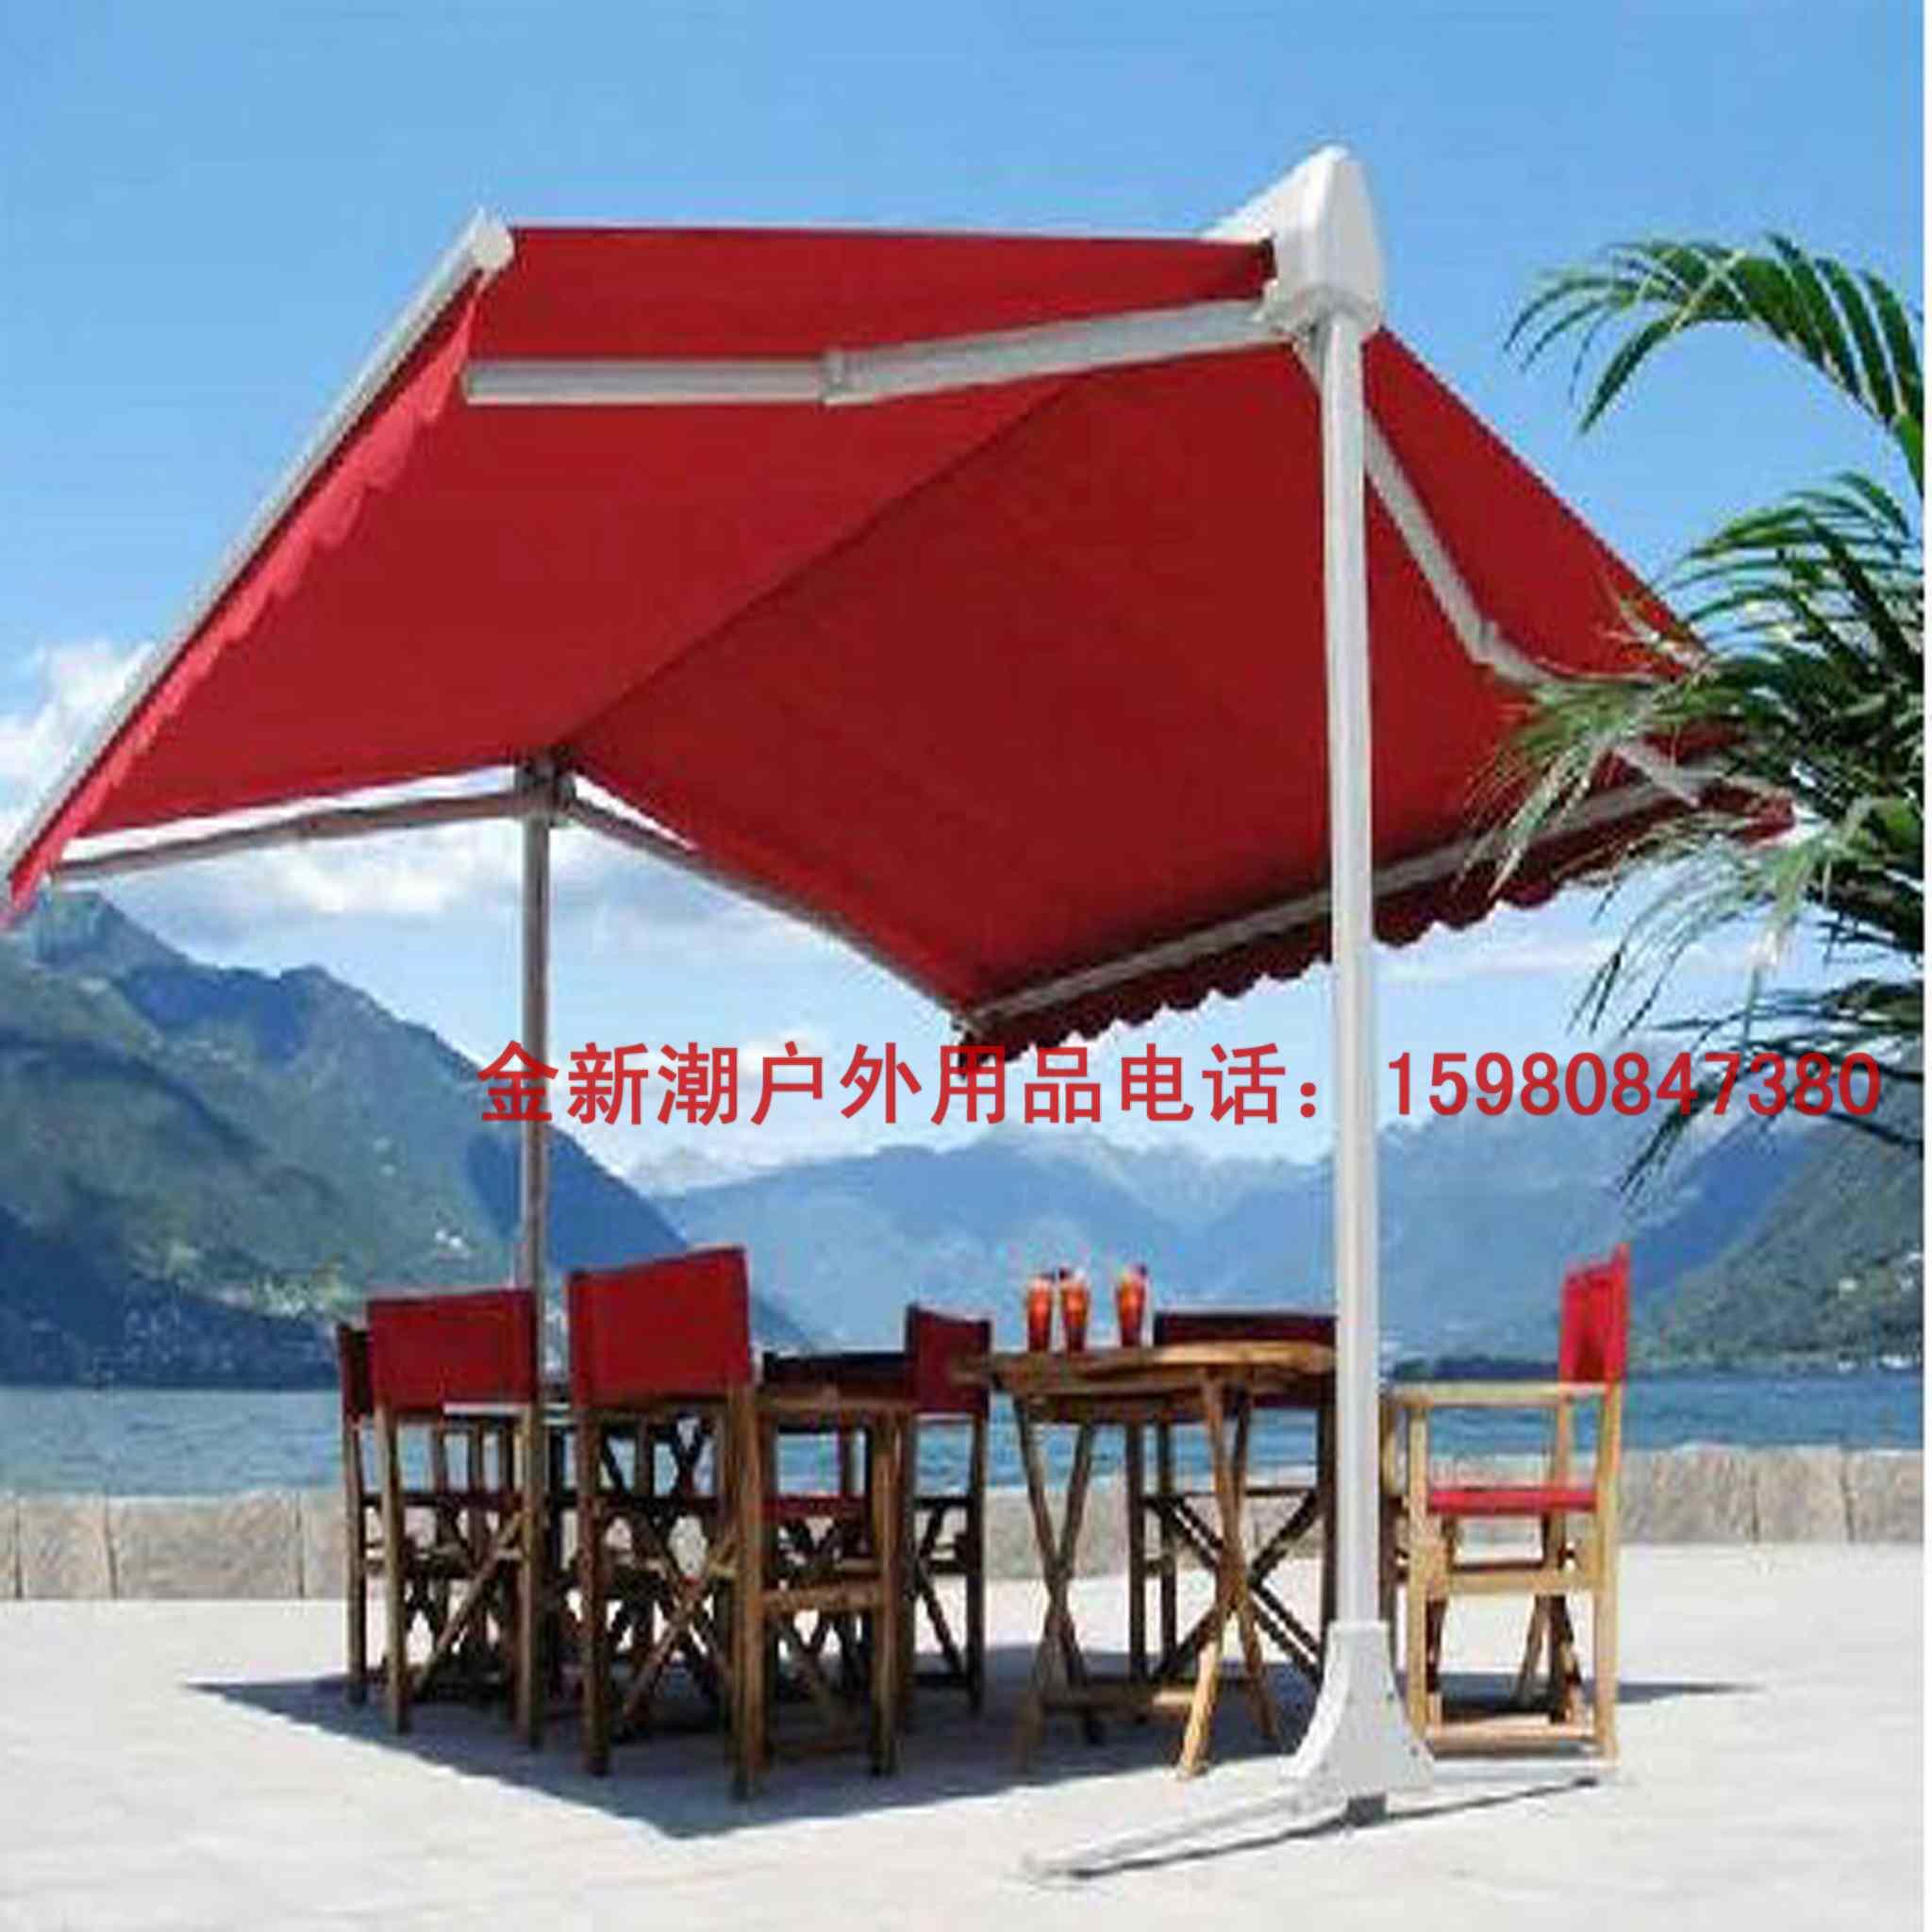 哪里有销售专业级的厦门伸缩遮阳篷 欧式遮阳篷价格如何